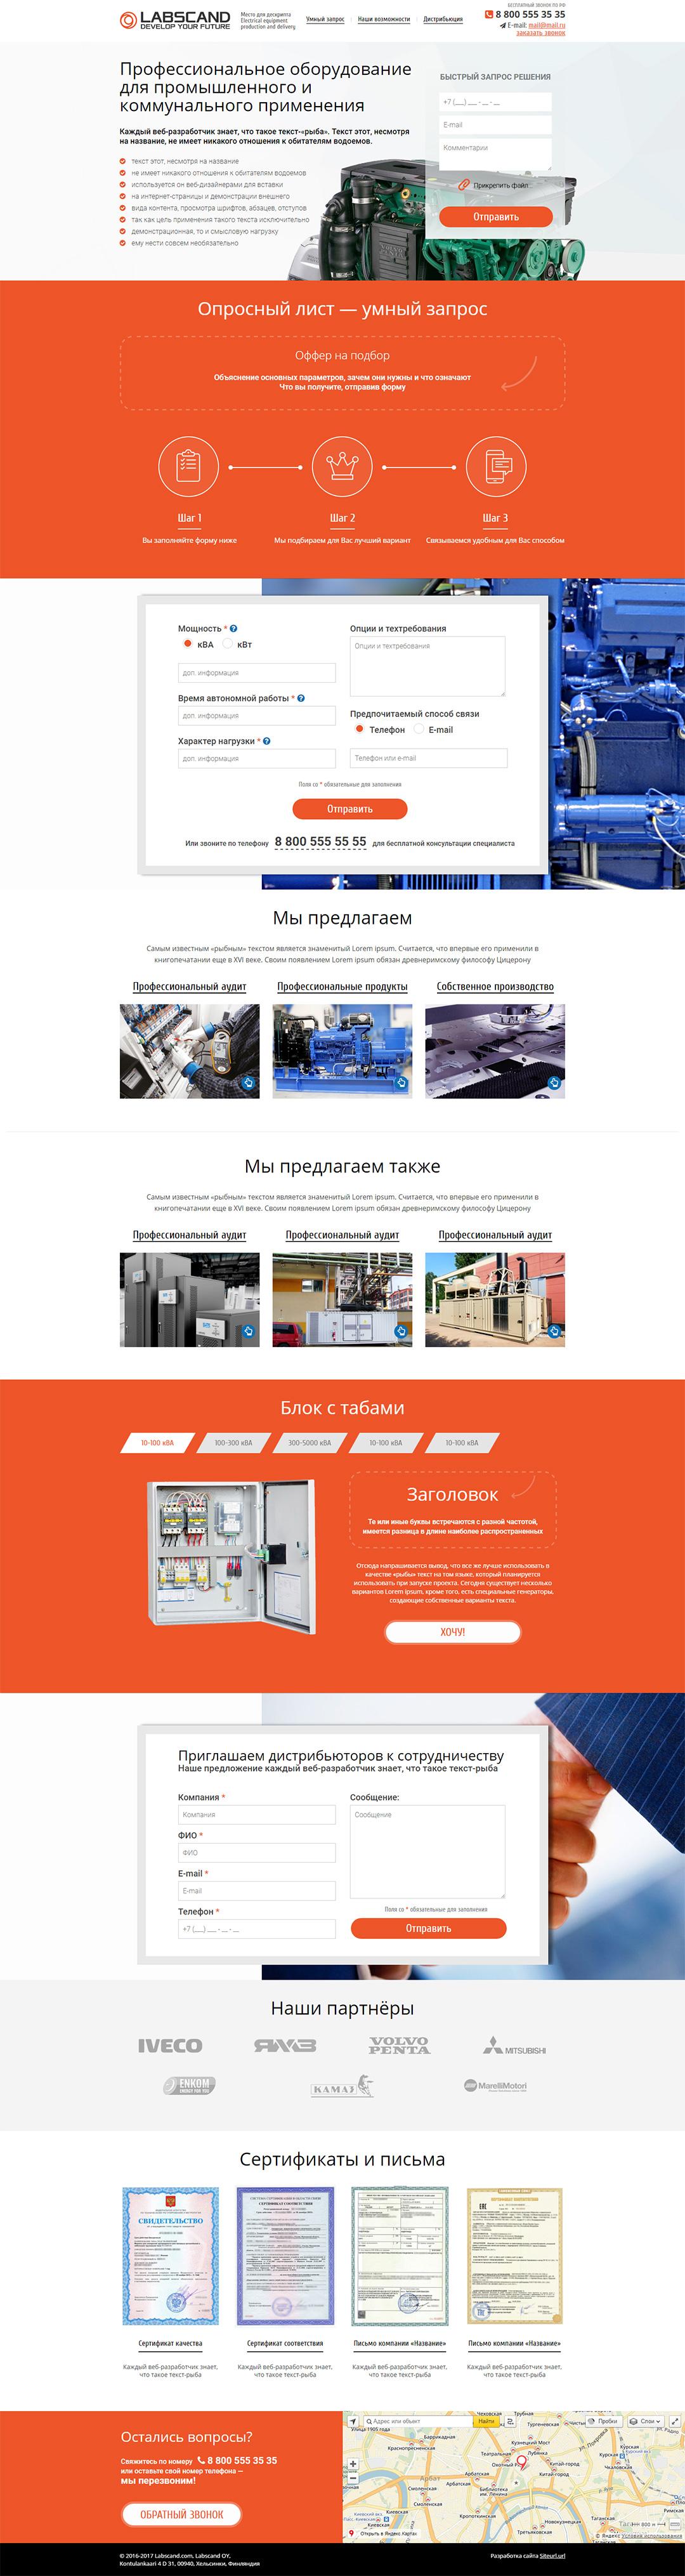 Сайт промышленной тематики: услуги и продукция